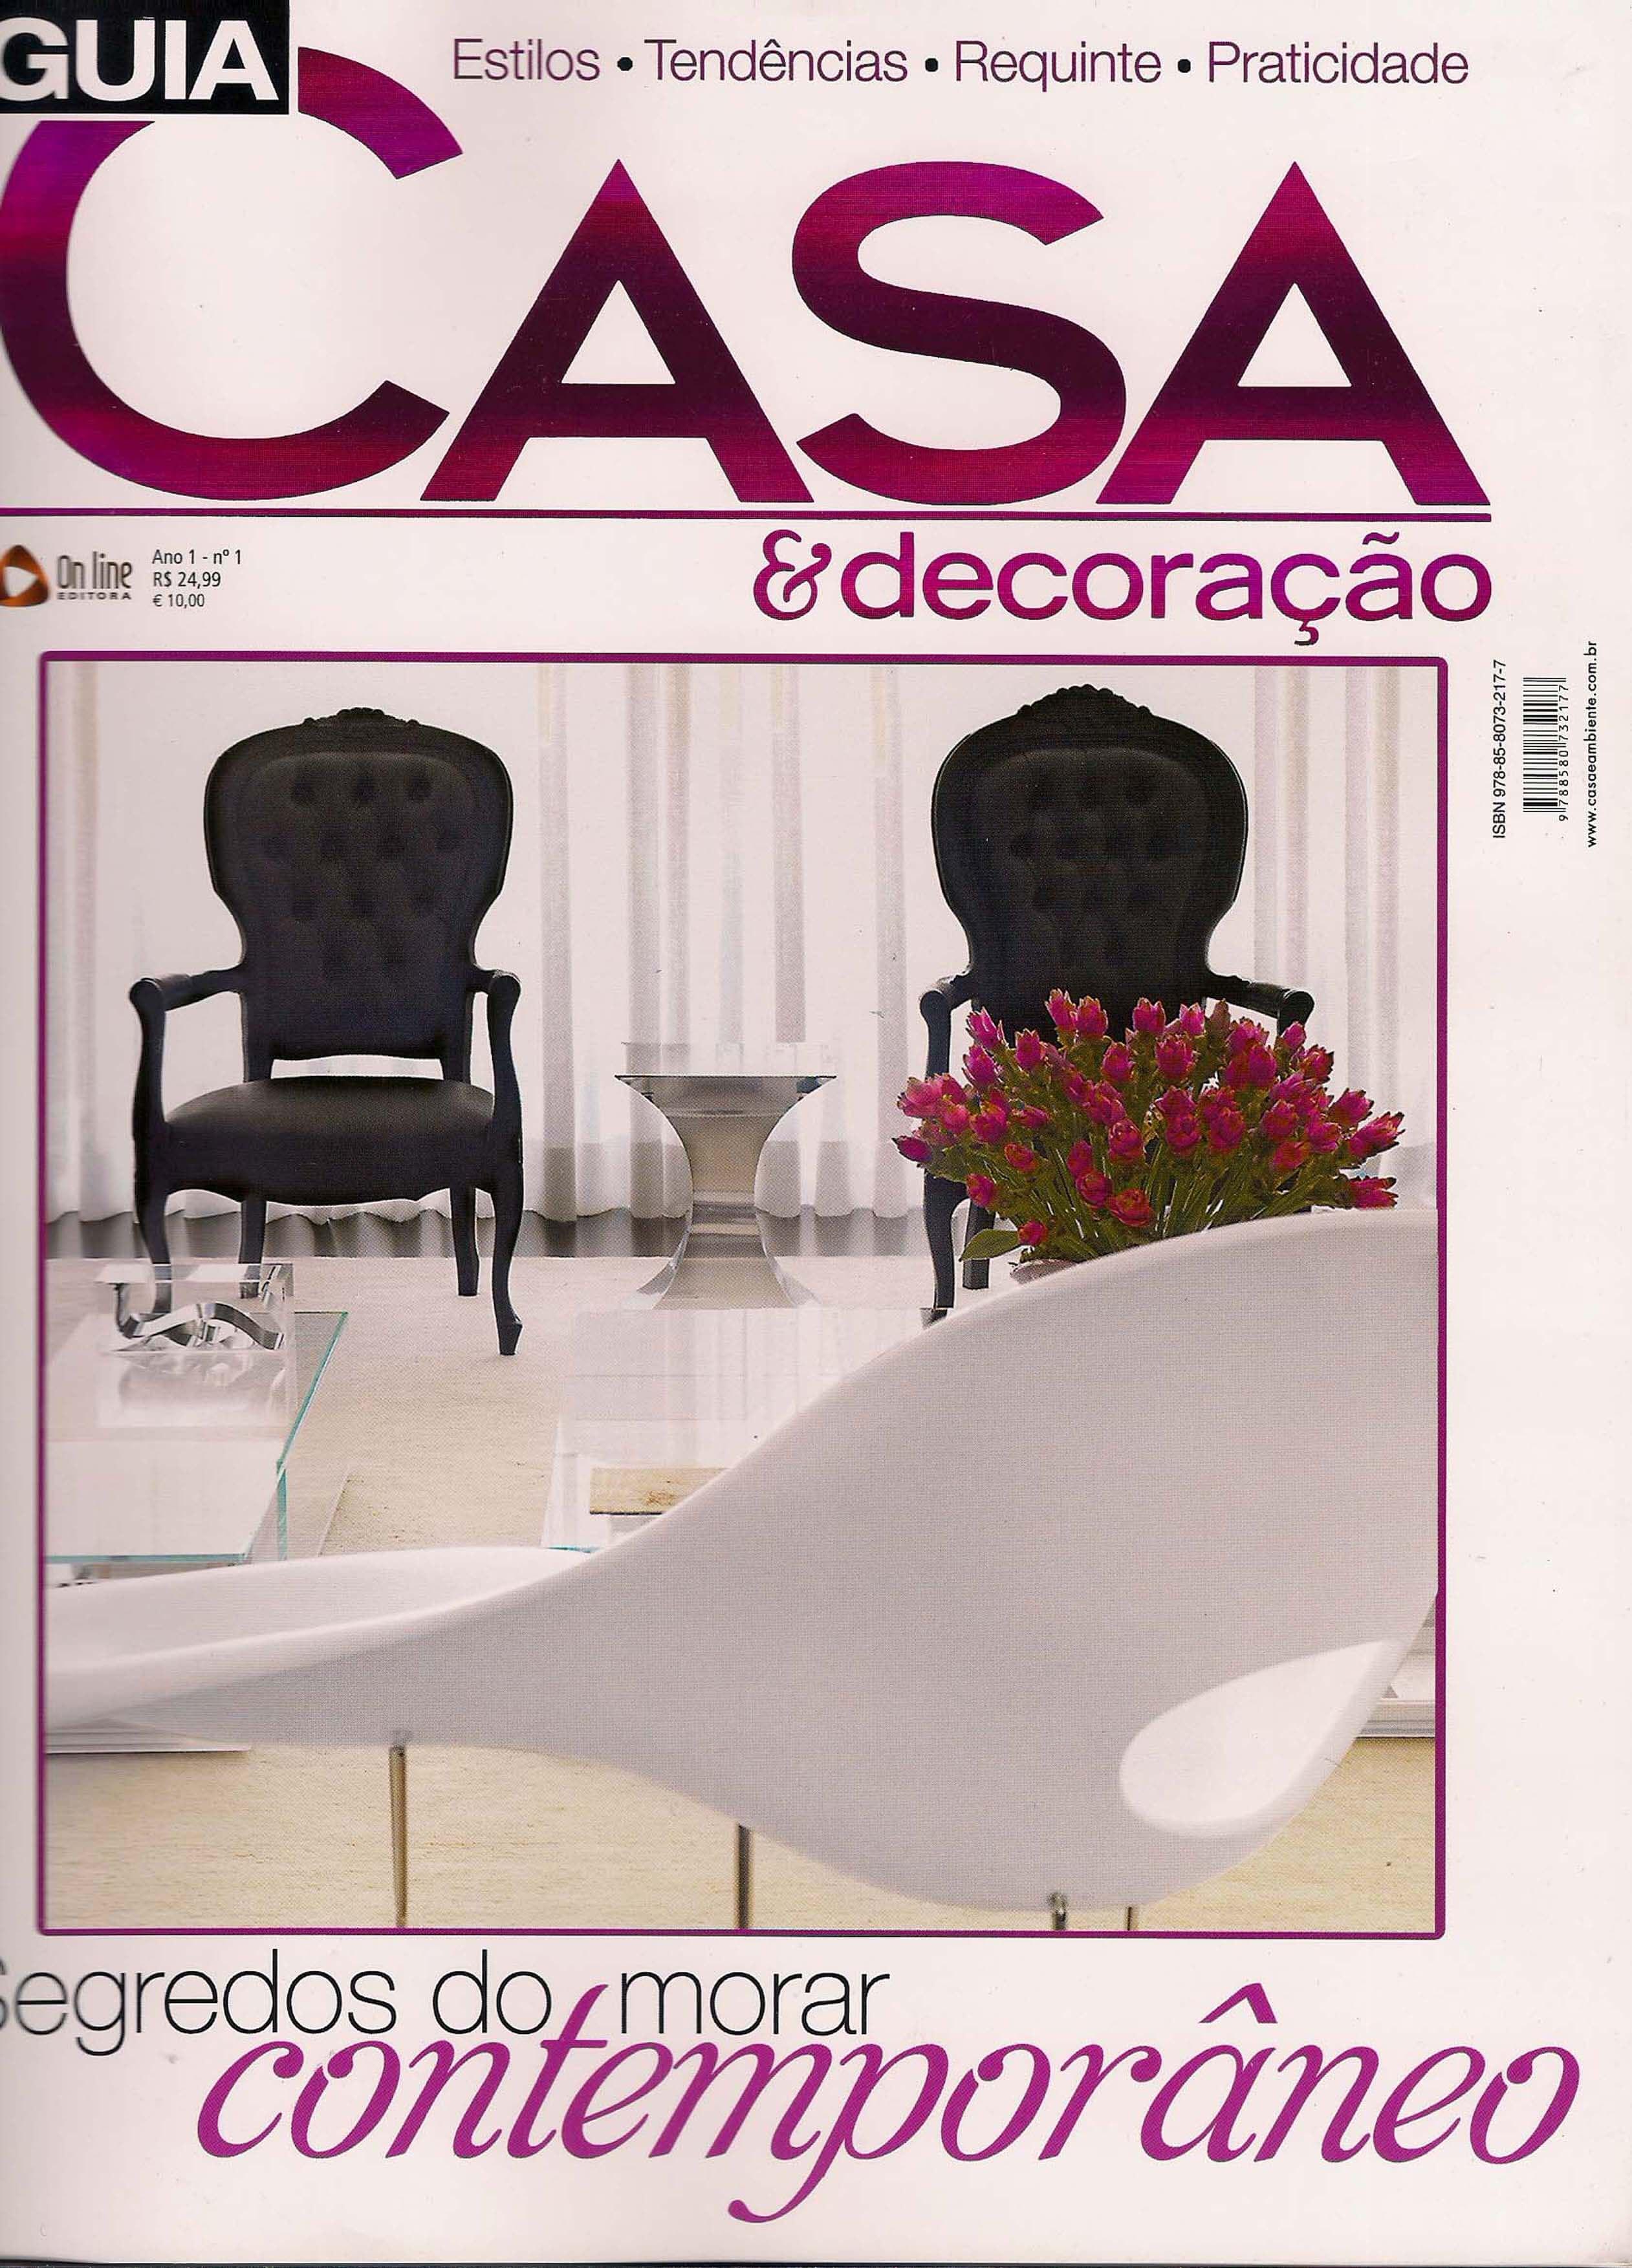 Guia Casa & Decoracao  - ago 2012 - 1Capa